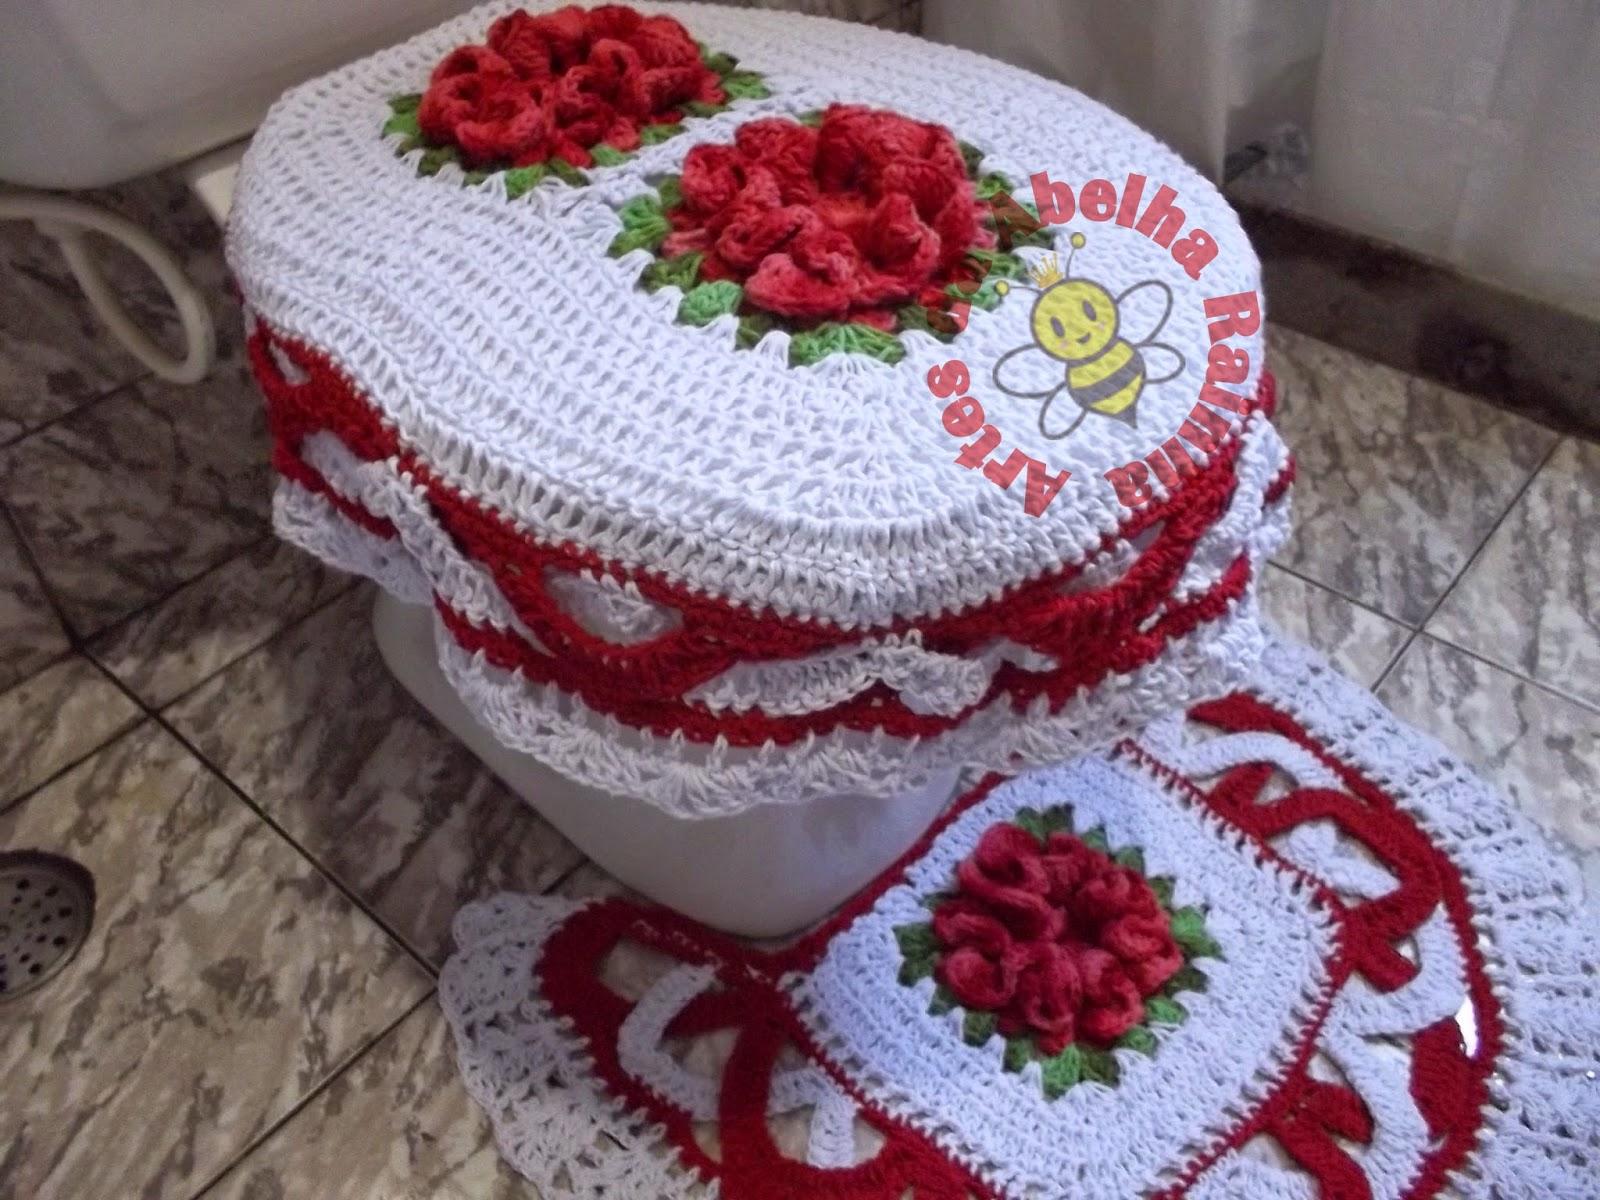 Rainha: Jogo de Banheiro de crochê Vermelho e Branco com Flores #6D242F 1600x1200 Acessorios Banheiro Vermelho